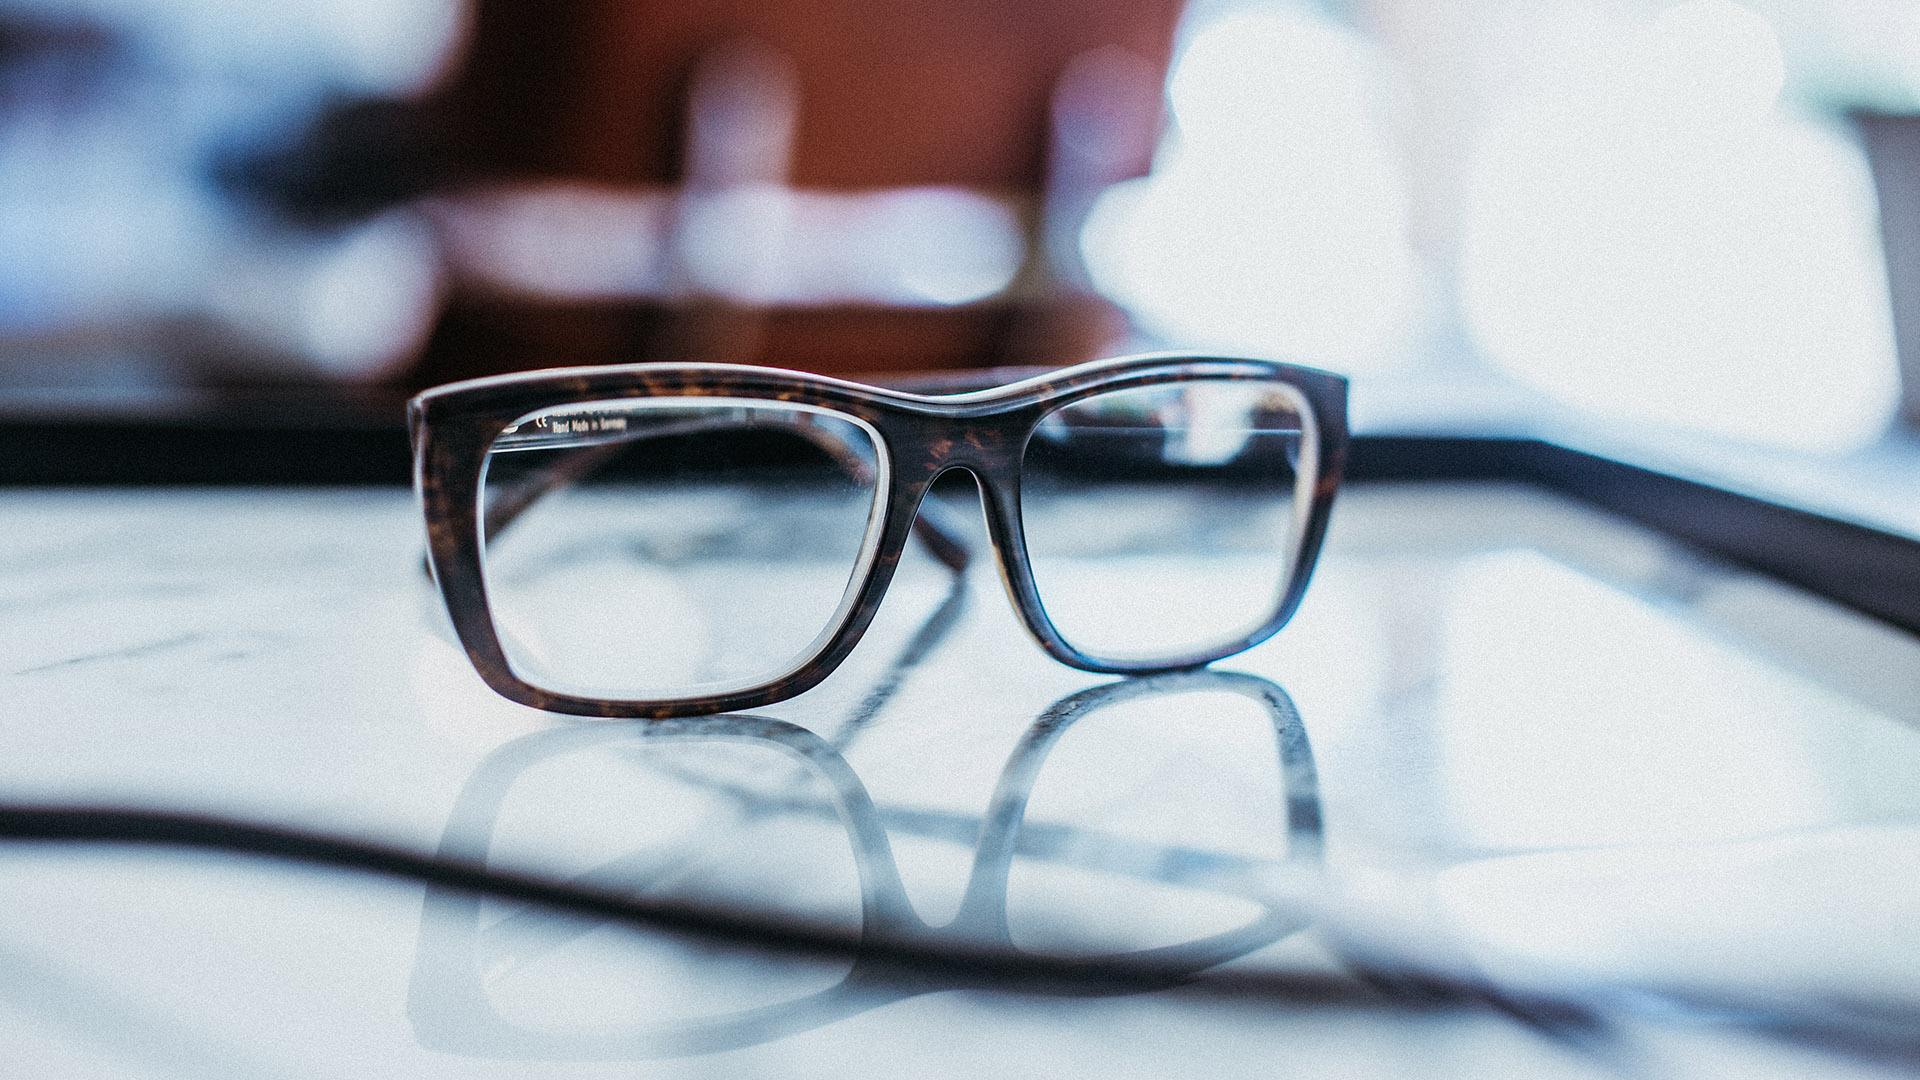 Nahaufnahme von einer braunen Naturhornbrille von Hoffmann Natural Eyewear, die auf einem spiegelnden Glastisch liegt.